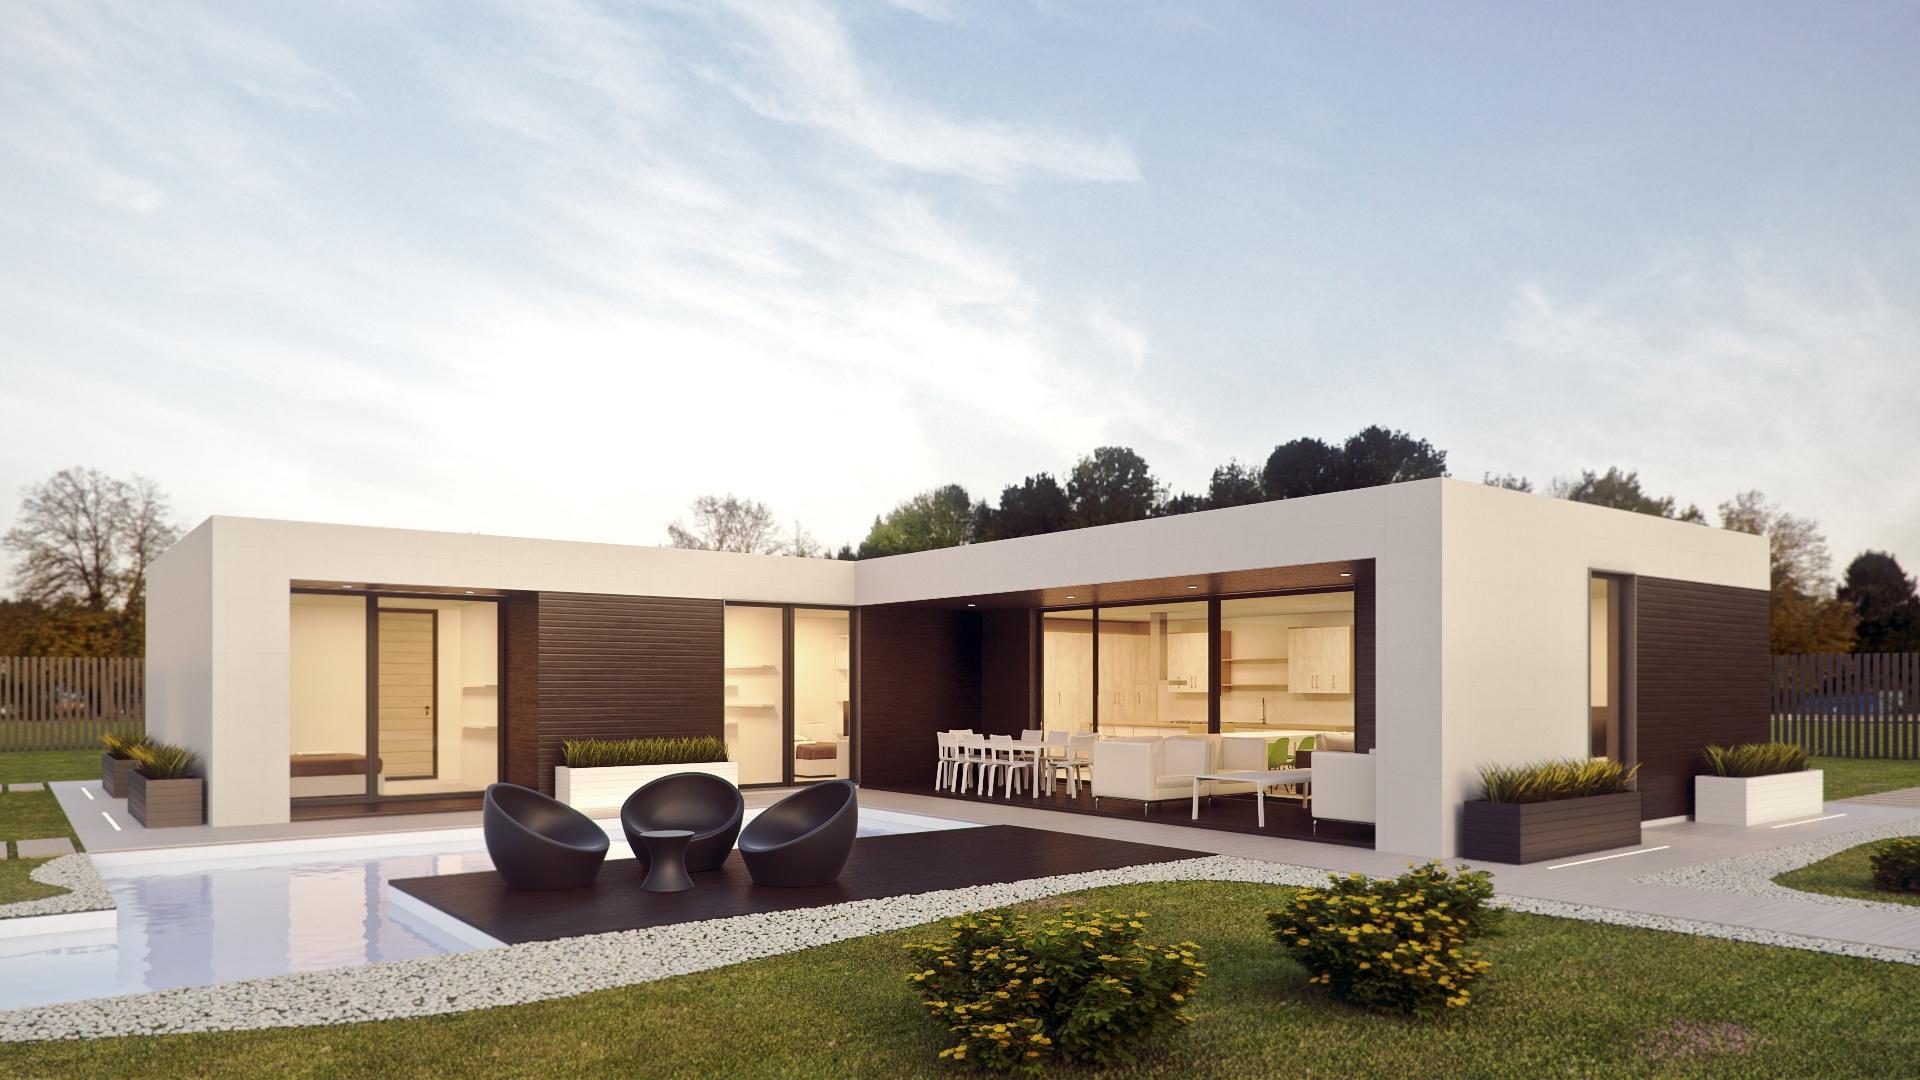 les bonnes questions pour agrandir sa maison - Agrandir Sa Maison Sans Permis De Construire